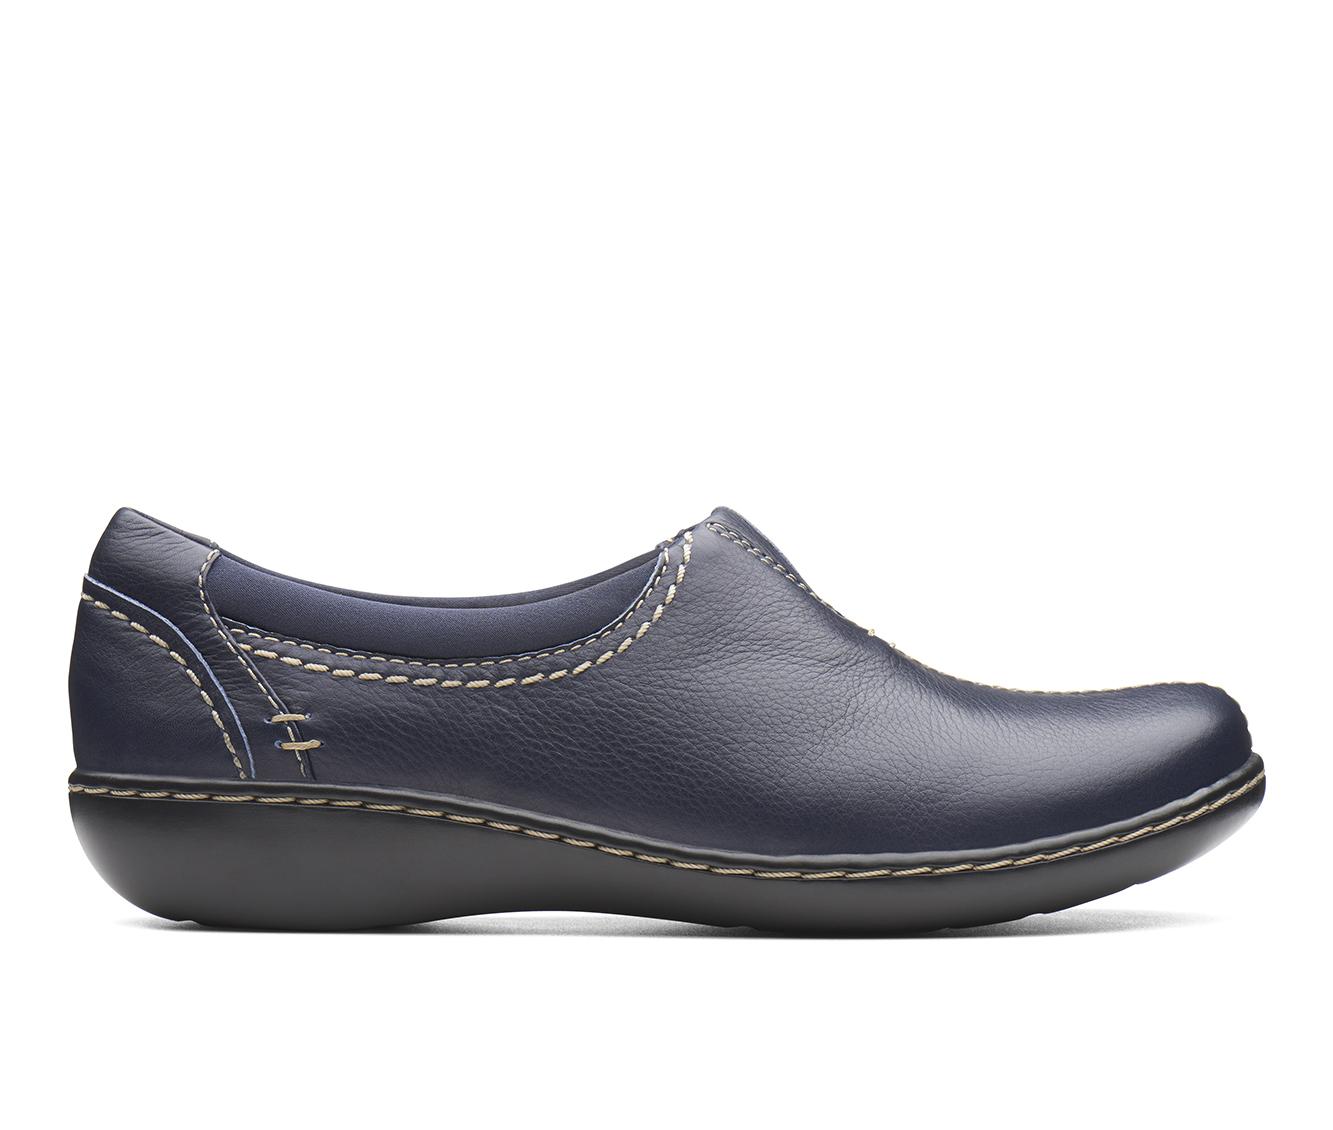 Clarks Ashland Joy Women's Shoe (Blue Leather)